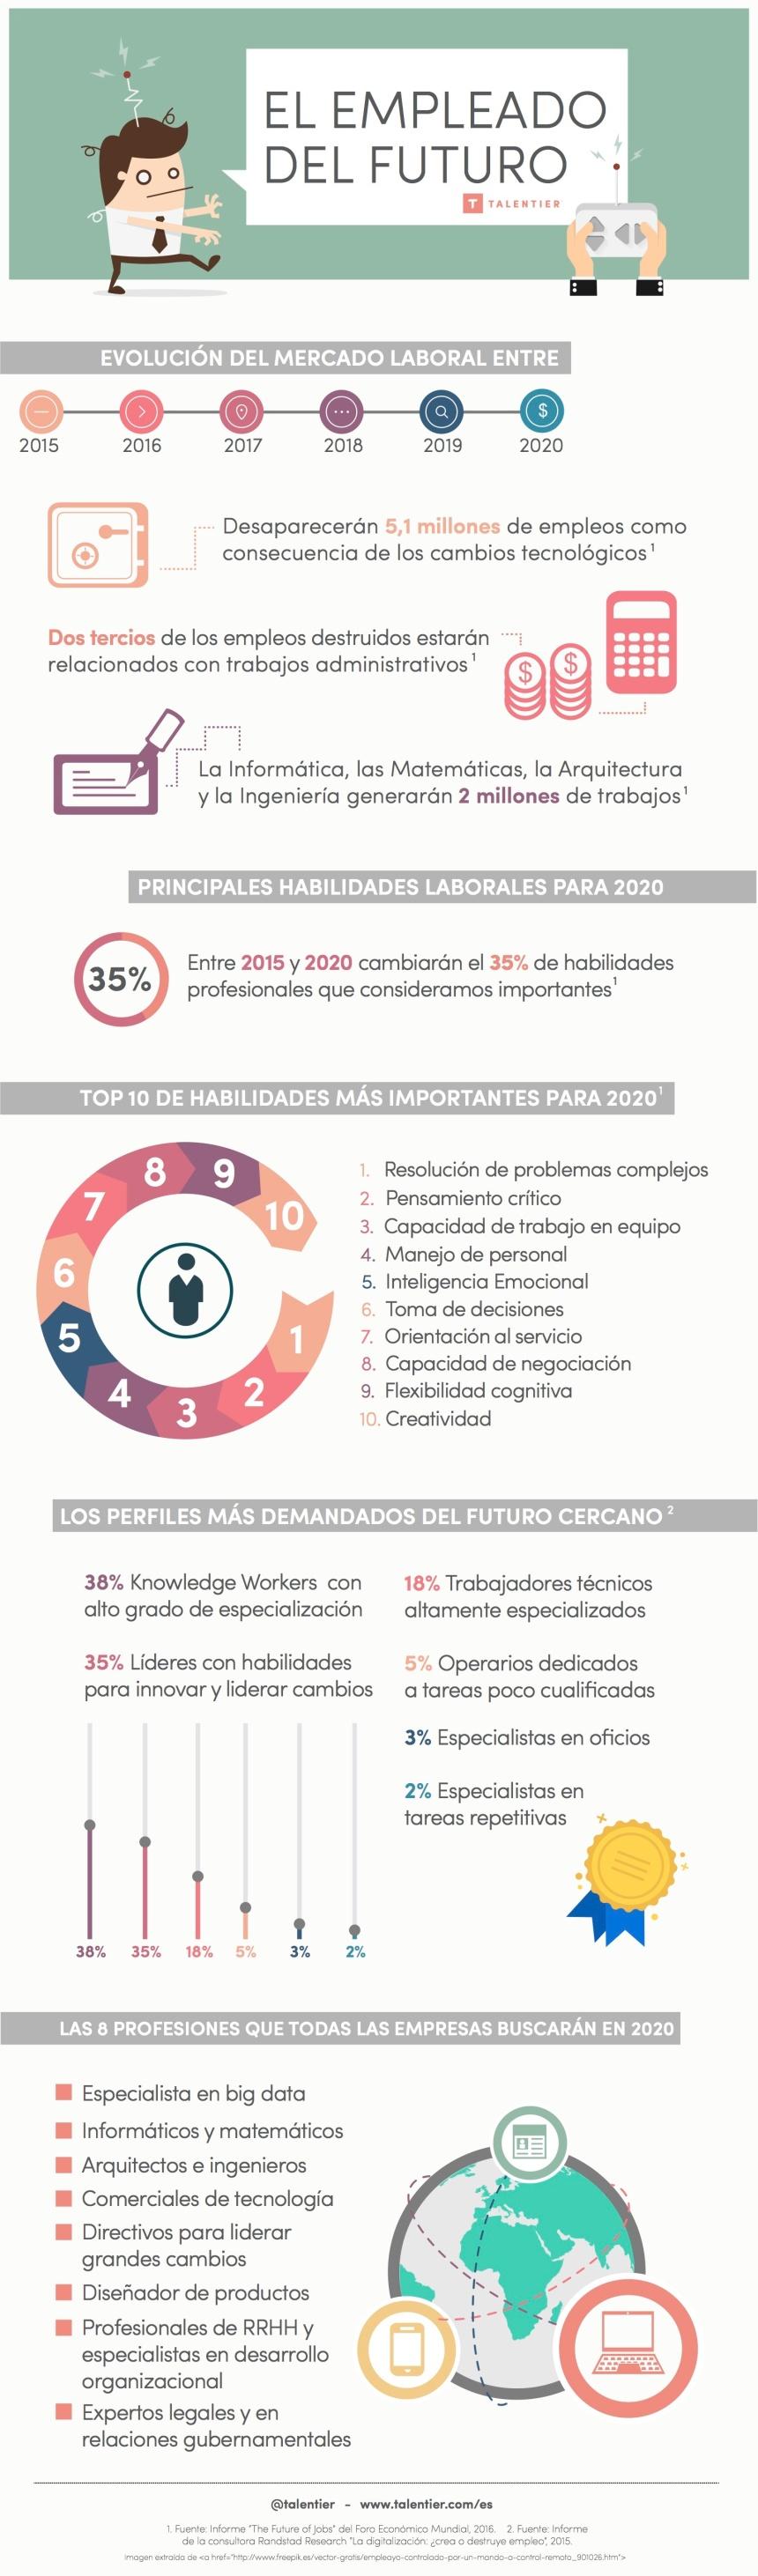 Cómo será el trabajador del futuro